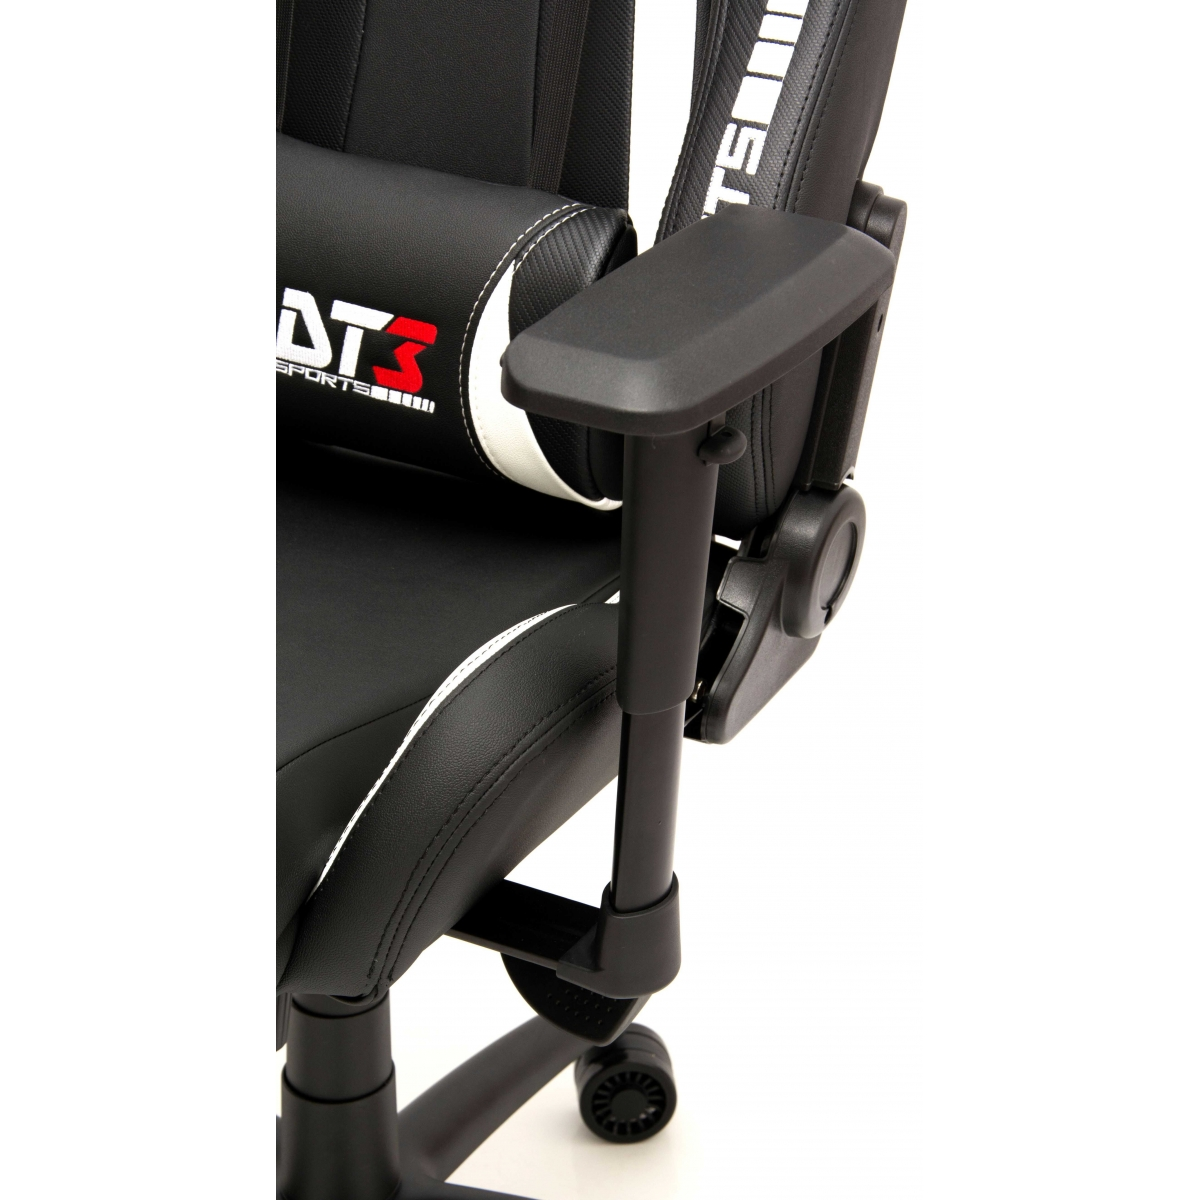 Cadeira Gamer DT3sports Elite Prime, Black-Carbon-White